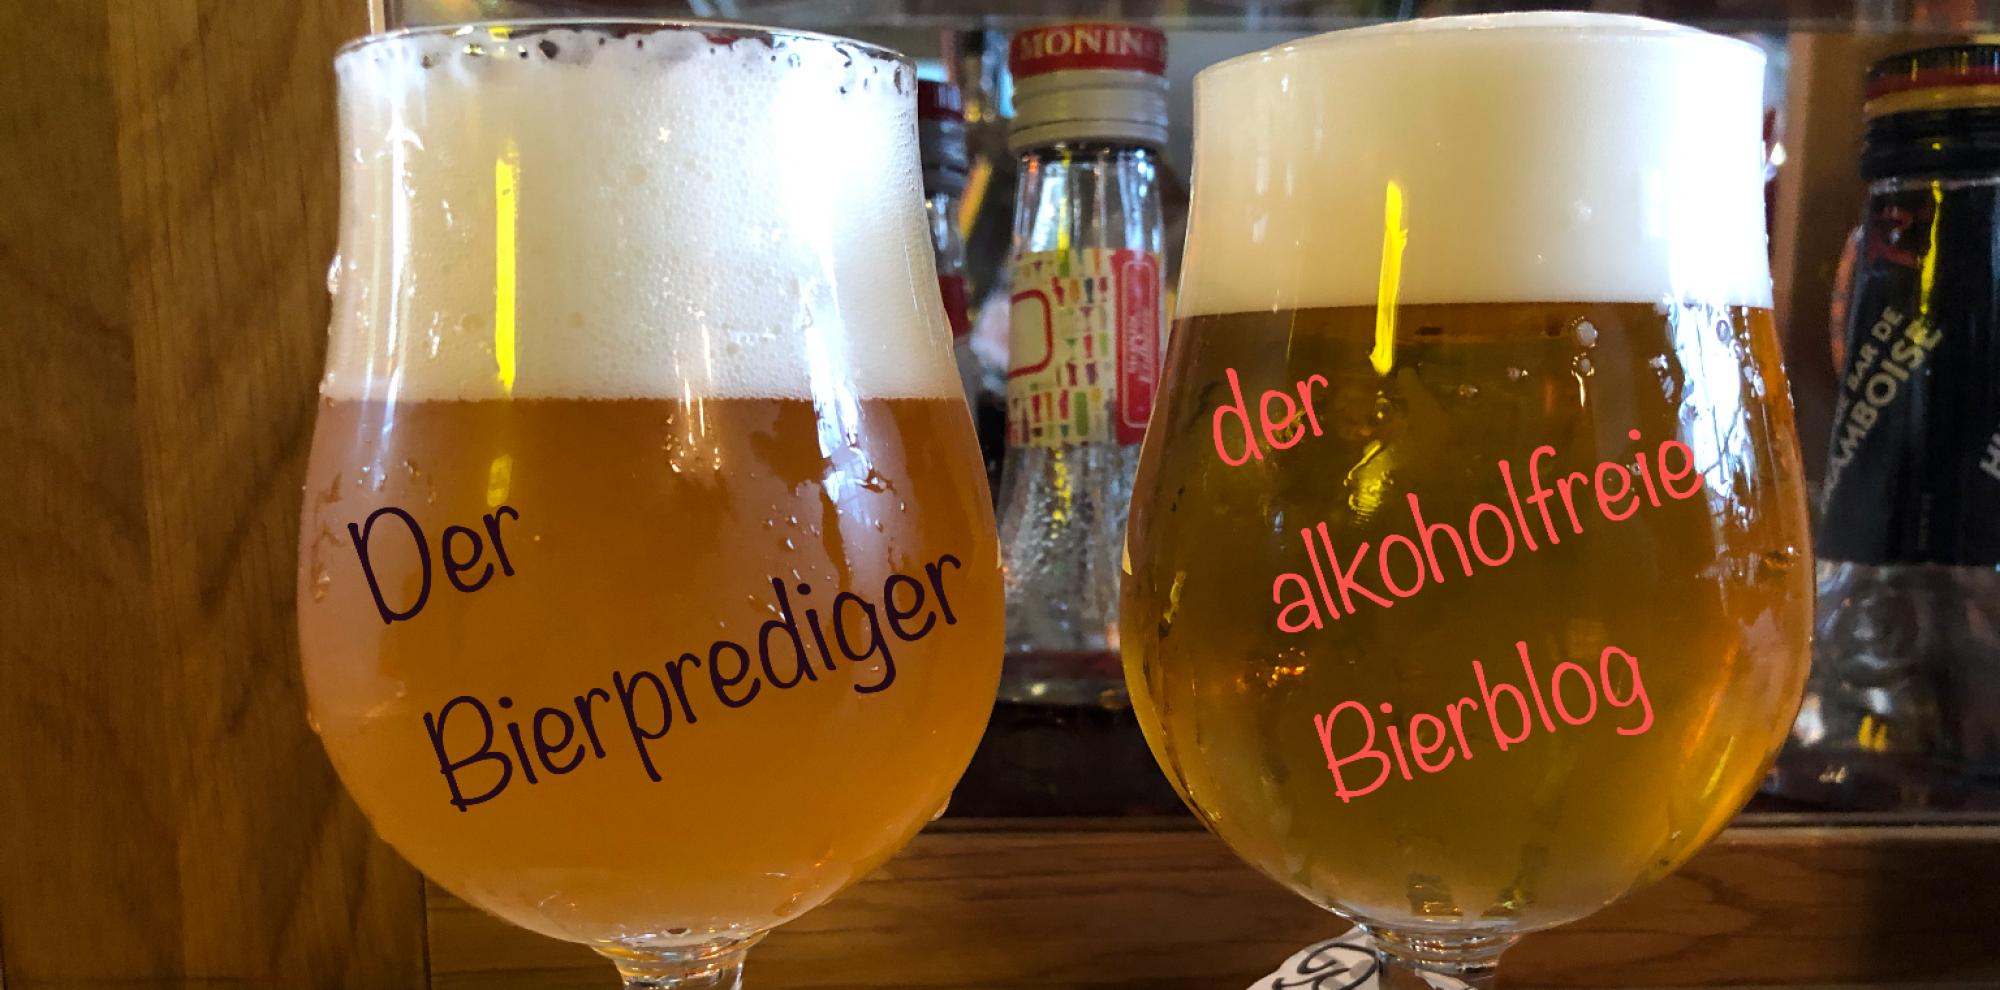 Ein alkoholfreier Bierblog?